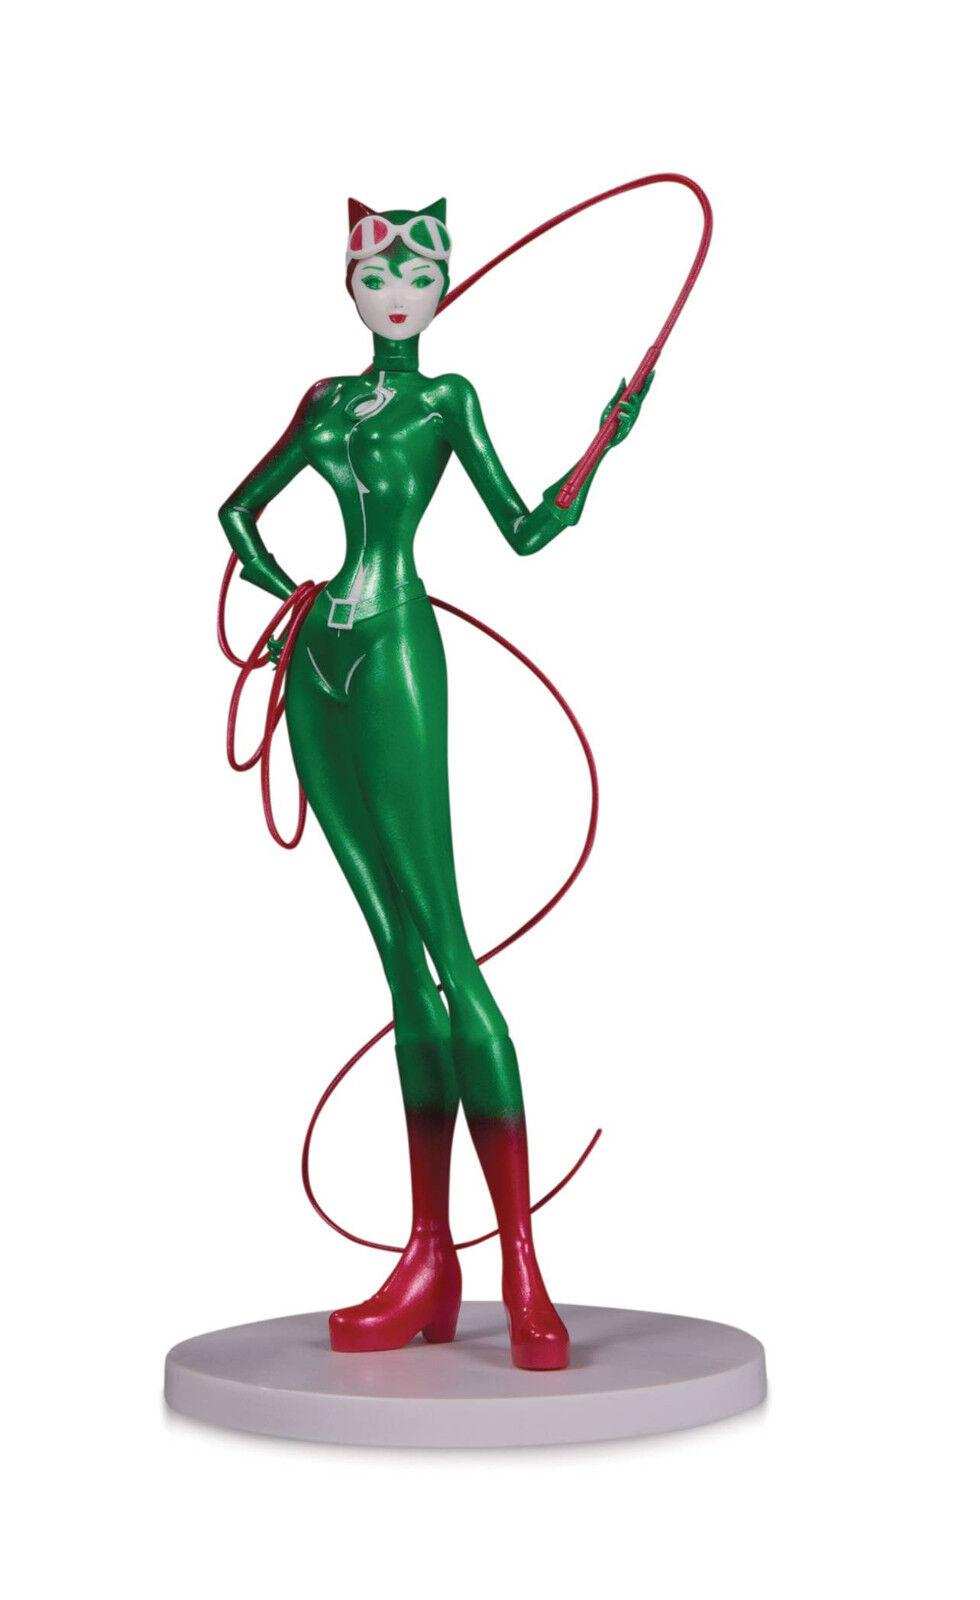 DC COMICS artista Alley Catwoman SHO murase Vacanza PVC Figura 500 LTD TO